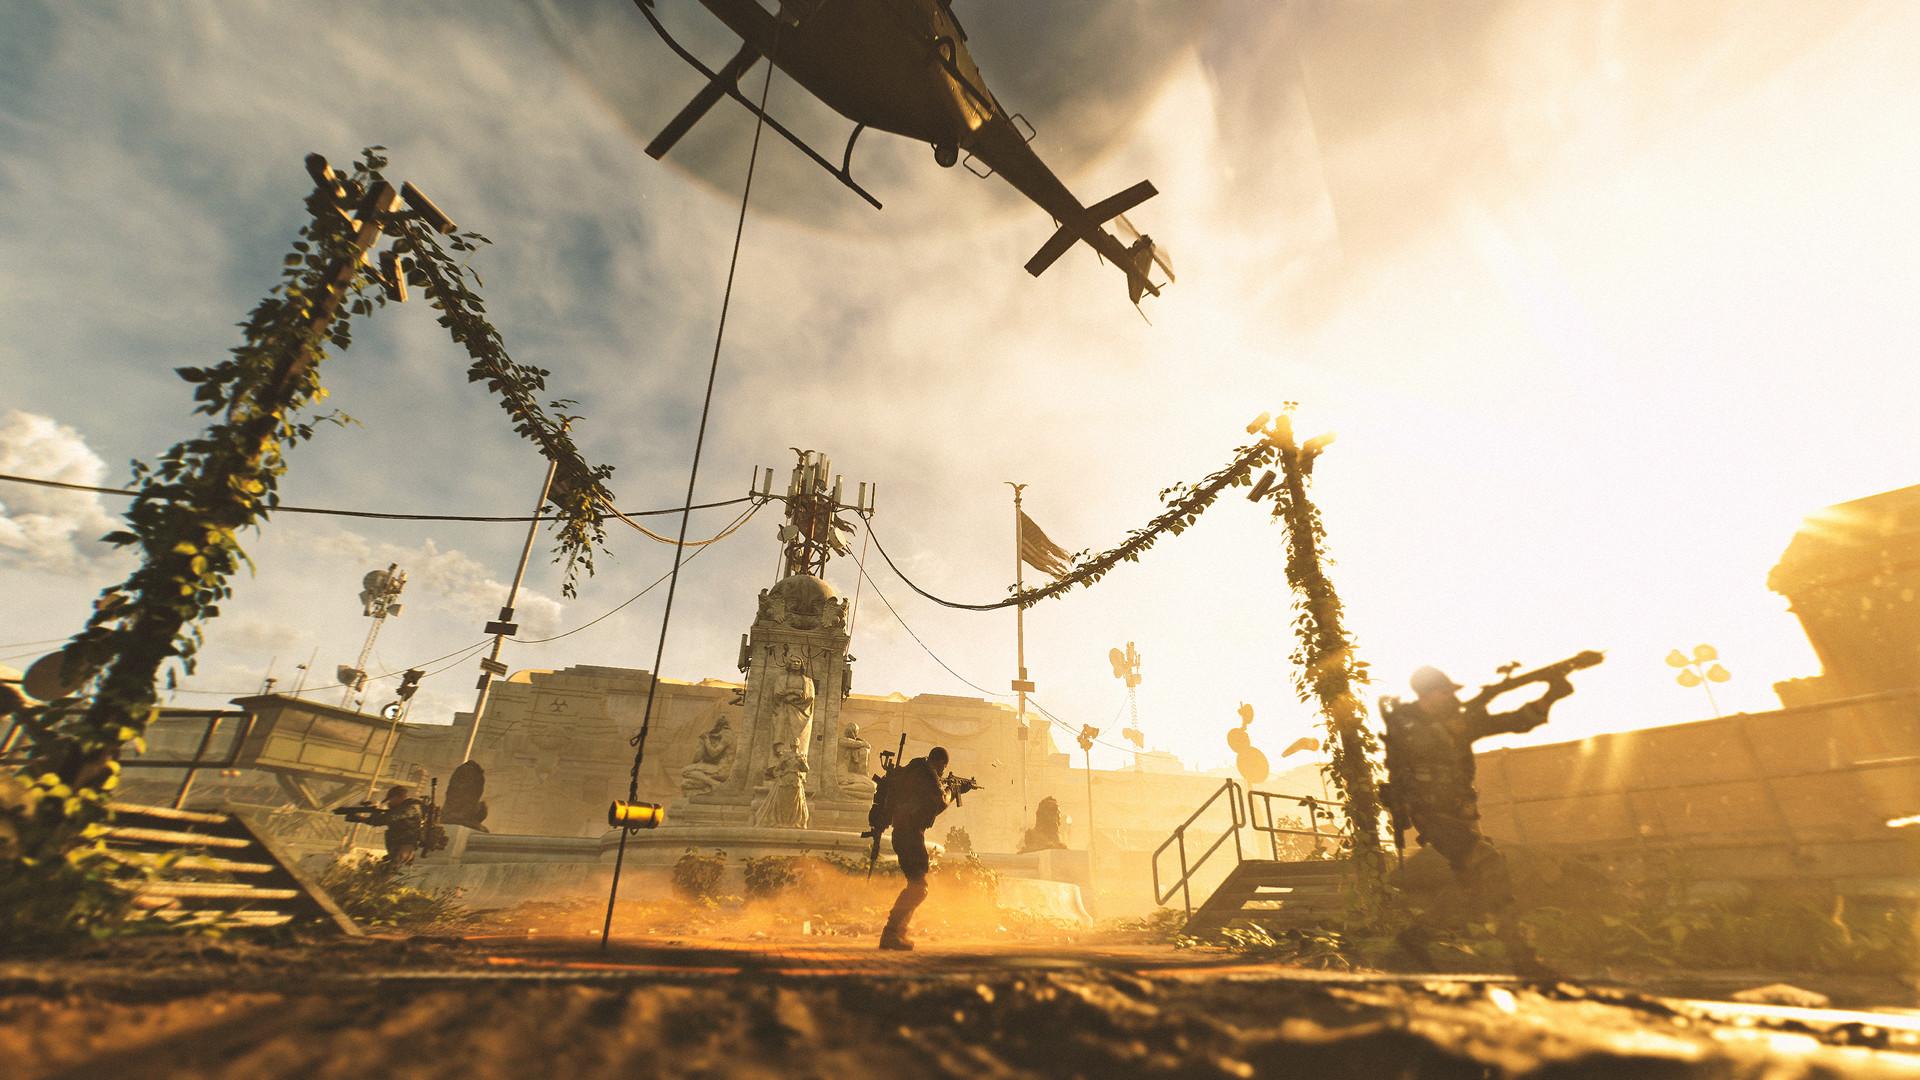 《全境封锁2》反作弊效率提升 对喷子也绝不手软电子游戏-游戏咖啡:vr资源-转载